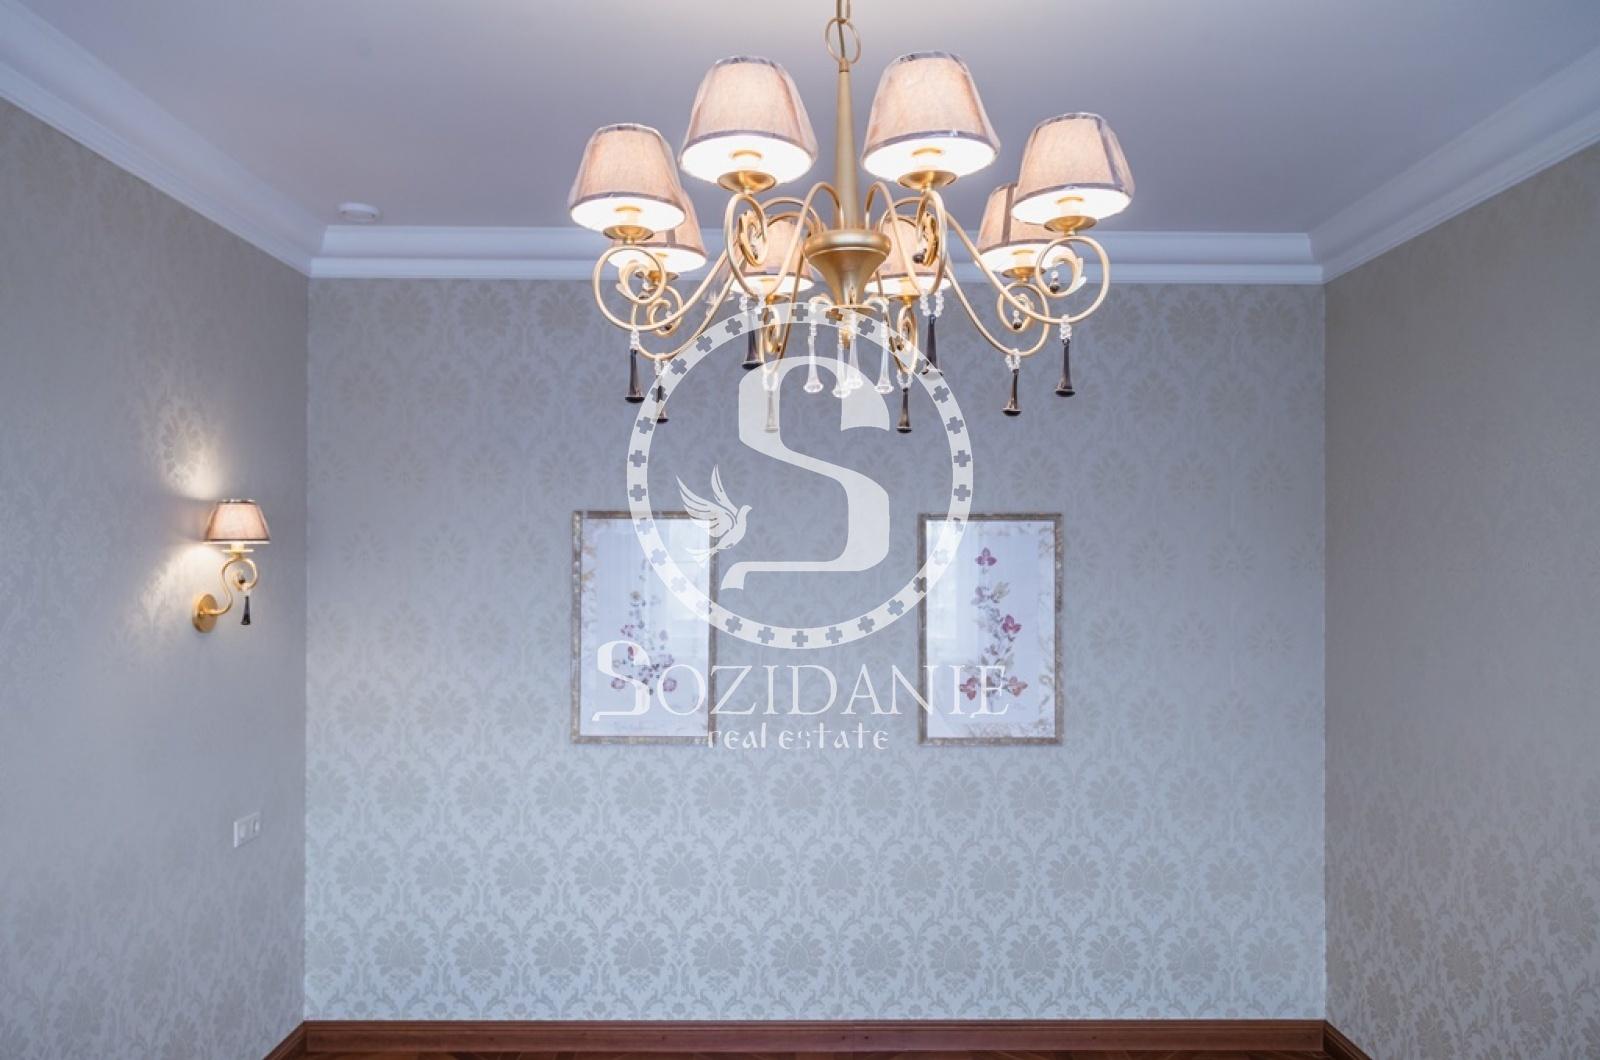 4 Bedrooms, 9 Комнаты, Загородная, Продажа, Listing ID 1381, Московская область, Россия,